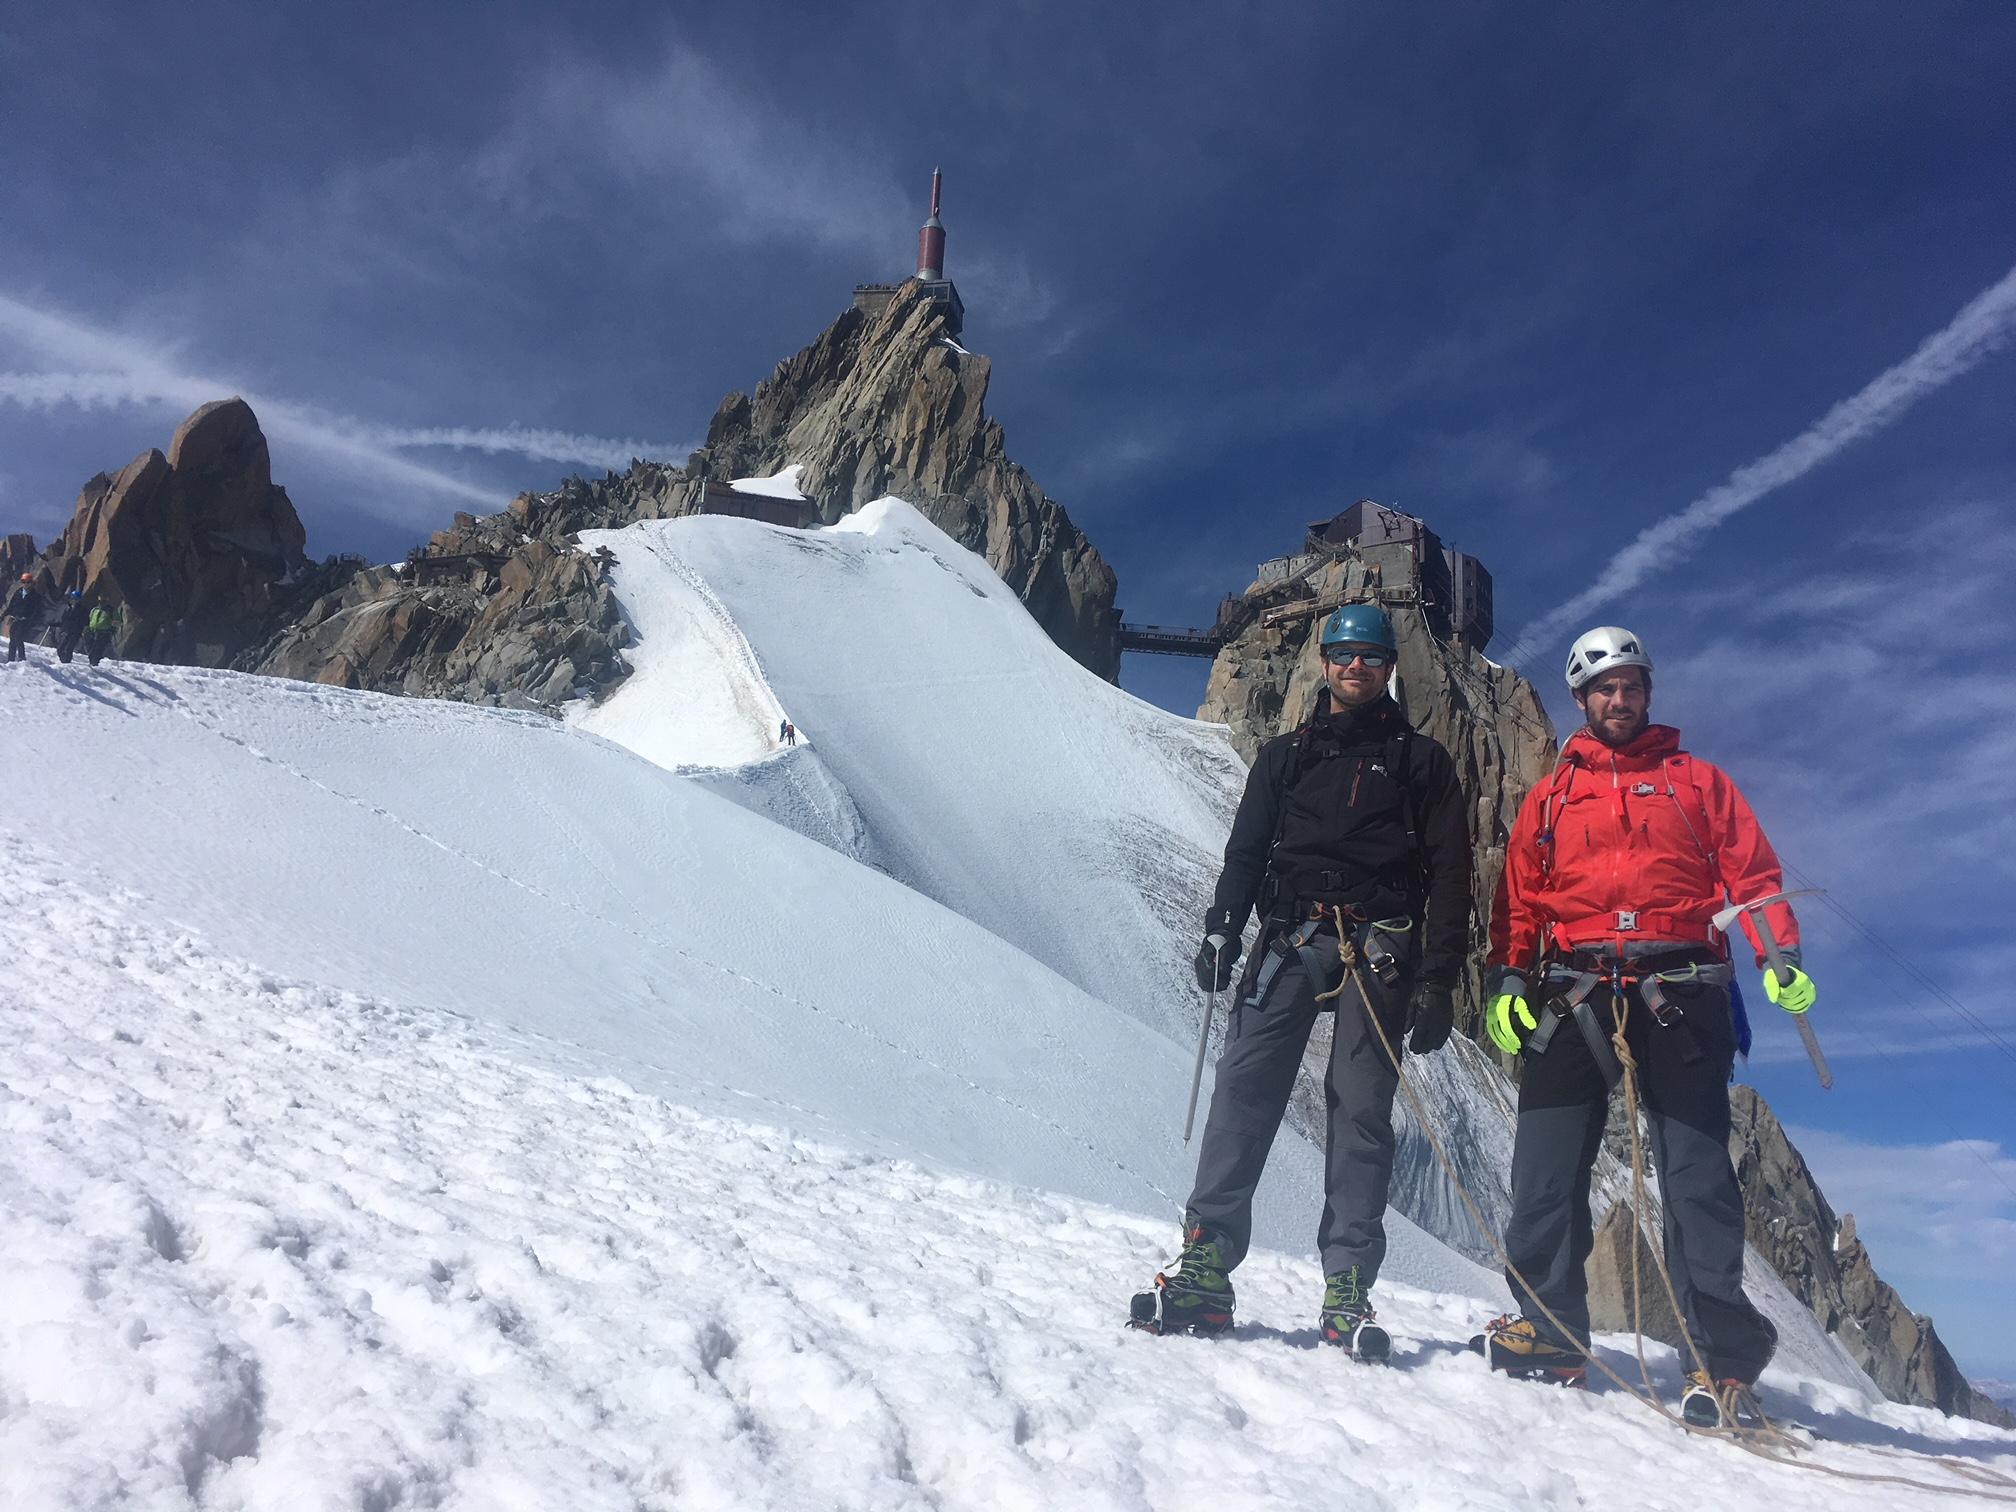 François et Stéphane au pied de l'arête de l'Aig du Midi